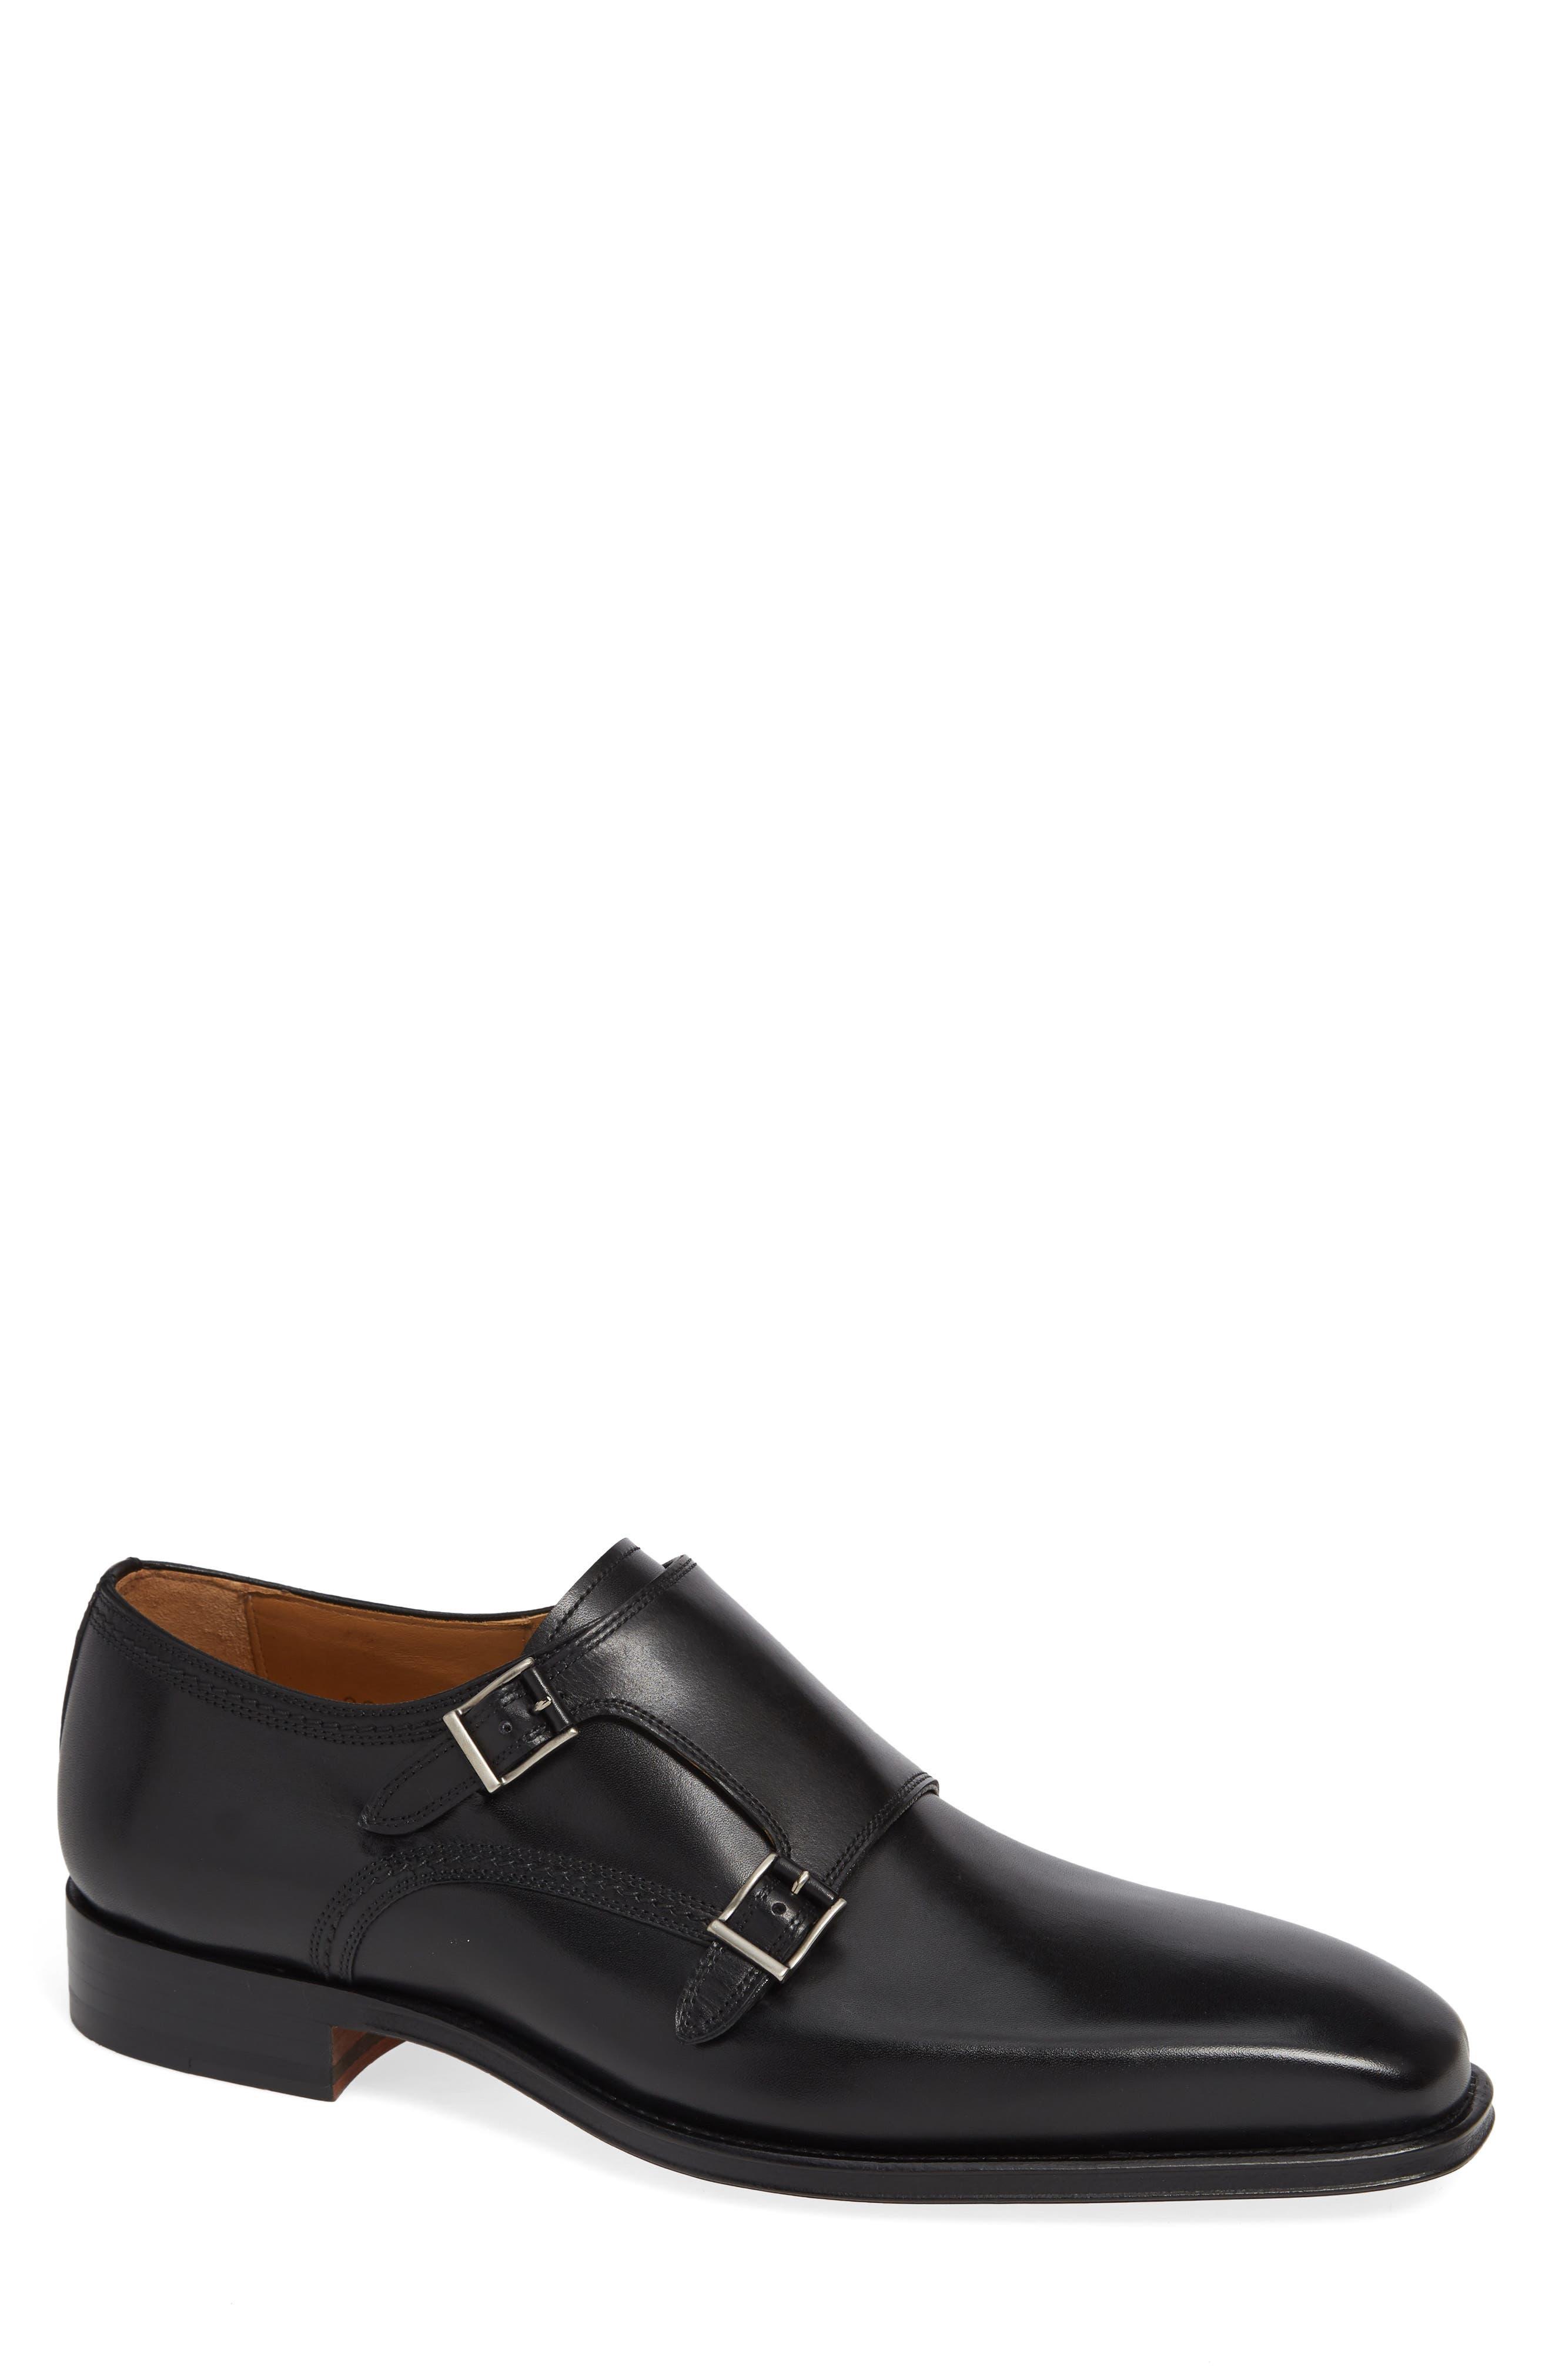 Landon Double Strap Monk Shoe,                         Main,                         color, BLACK LEATHER